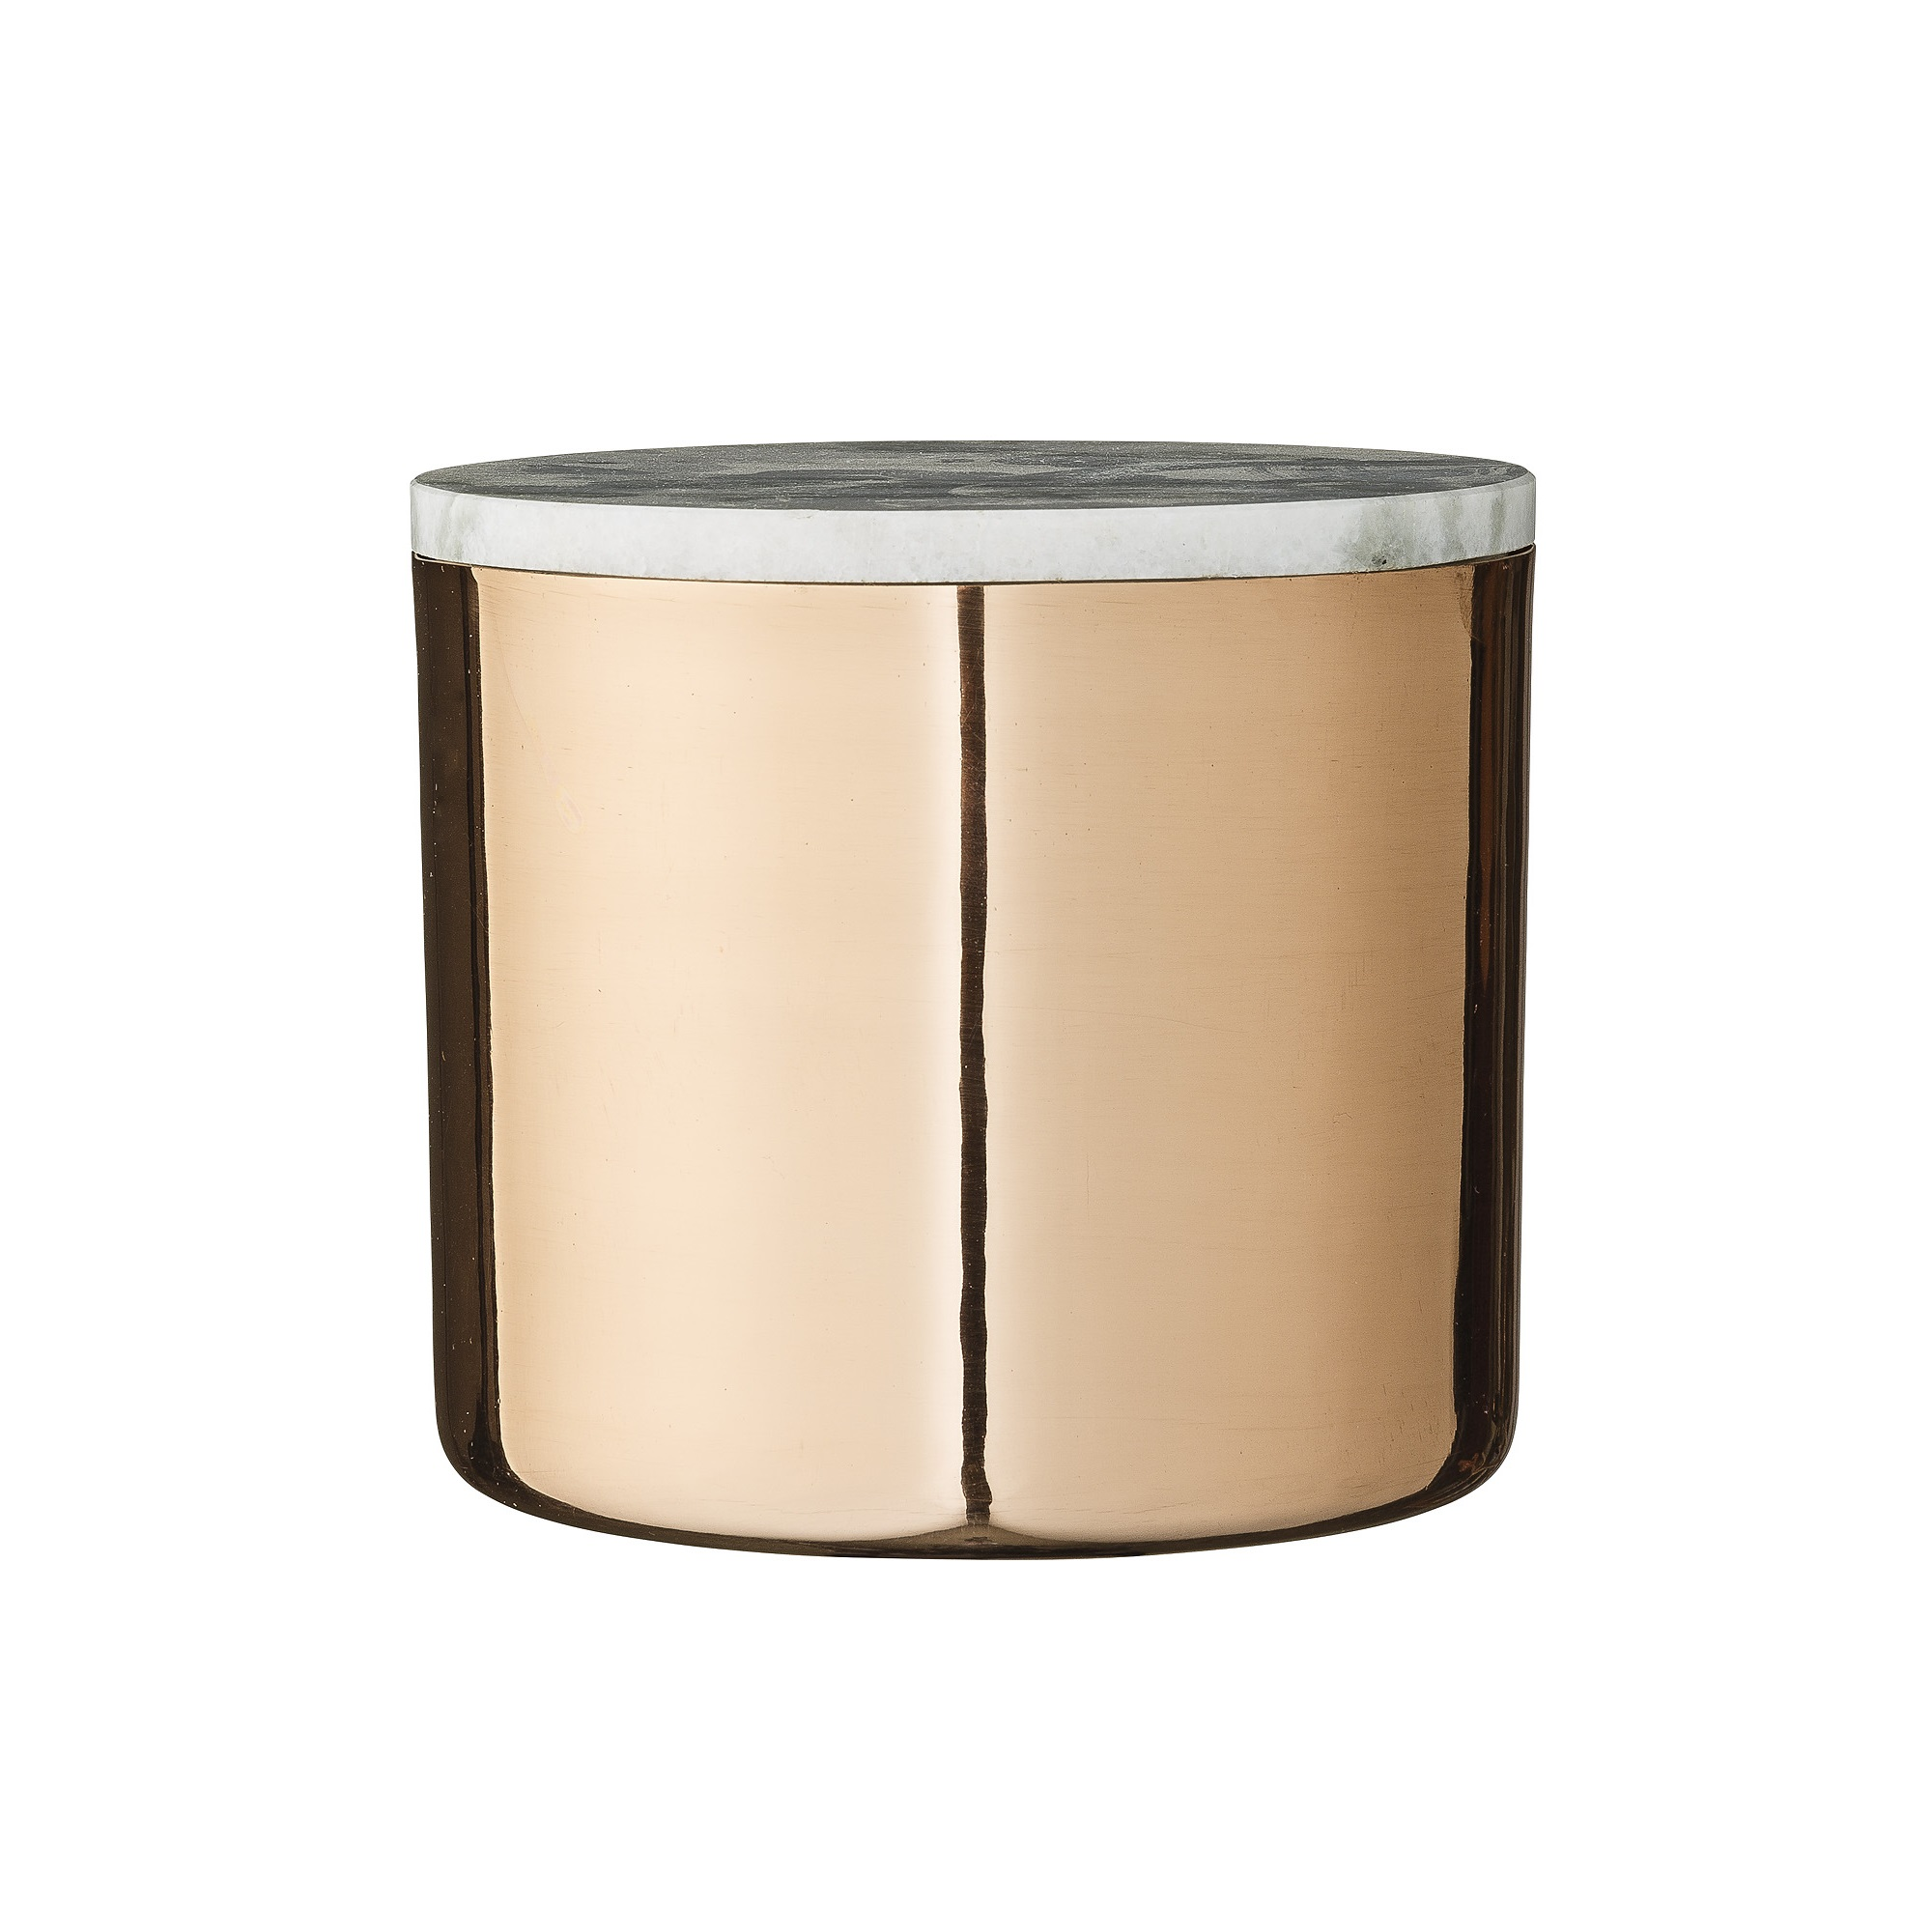 Декоративная емкость с крышкойЕмкости для хранения<br>Интересный предмет декора от Bloomingville, имеющий не только эстетическое, но и практическое значение. В емкости с крышкой из мрамора можно хранить самые разные мелкие вещи – от швейных принадлежностей до фотографий и дисков. Сочетание теплого оттенка меди и прохладного цвета мрамора отличает дизайнерский декор Bloomingville, который удачно вписывается в современные интерьеры.&amp;amp;nbsp;&amp;lt;div&amp;gt;&amp;lt;br&amp;gt;&amp;lt;/div&amp;gt;&amp;lt;div&amp;gt;Рекомендуется для интерьерных стилей: скандинавский, лофт, современный. &amp;lt;/div&amp;gt;<br><br>Material: Металл<br>Высота см: 14